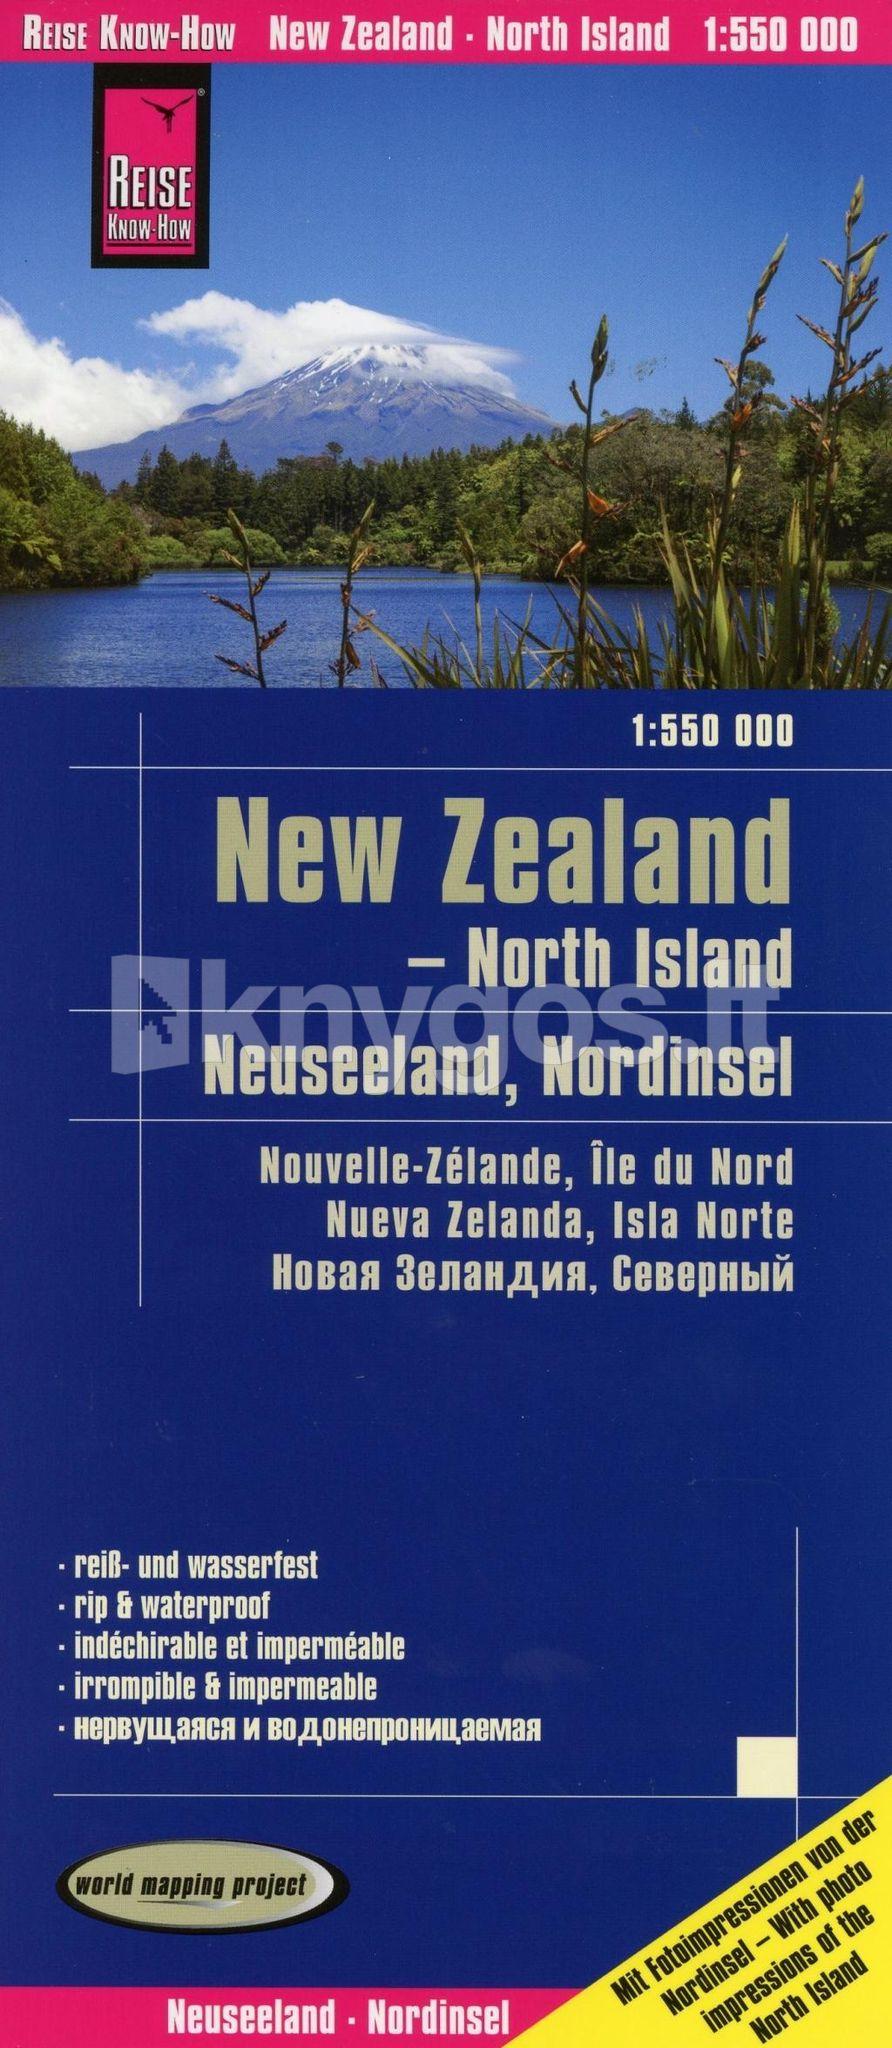 Neuseeland Nordinsel Karte.Knyga Reise Know How Landkarte Neuseeland Nordinsel 1 550 000